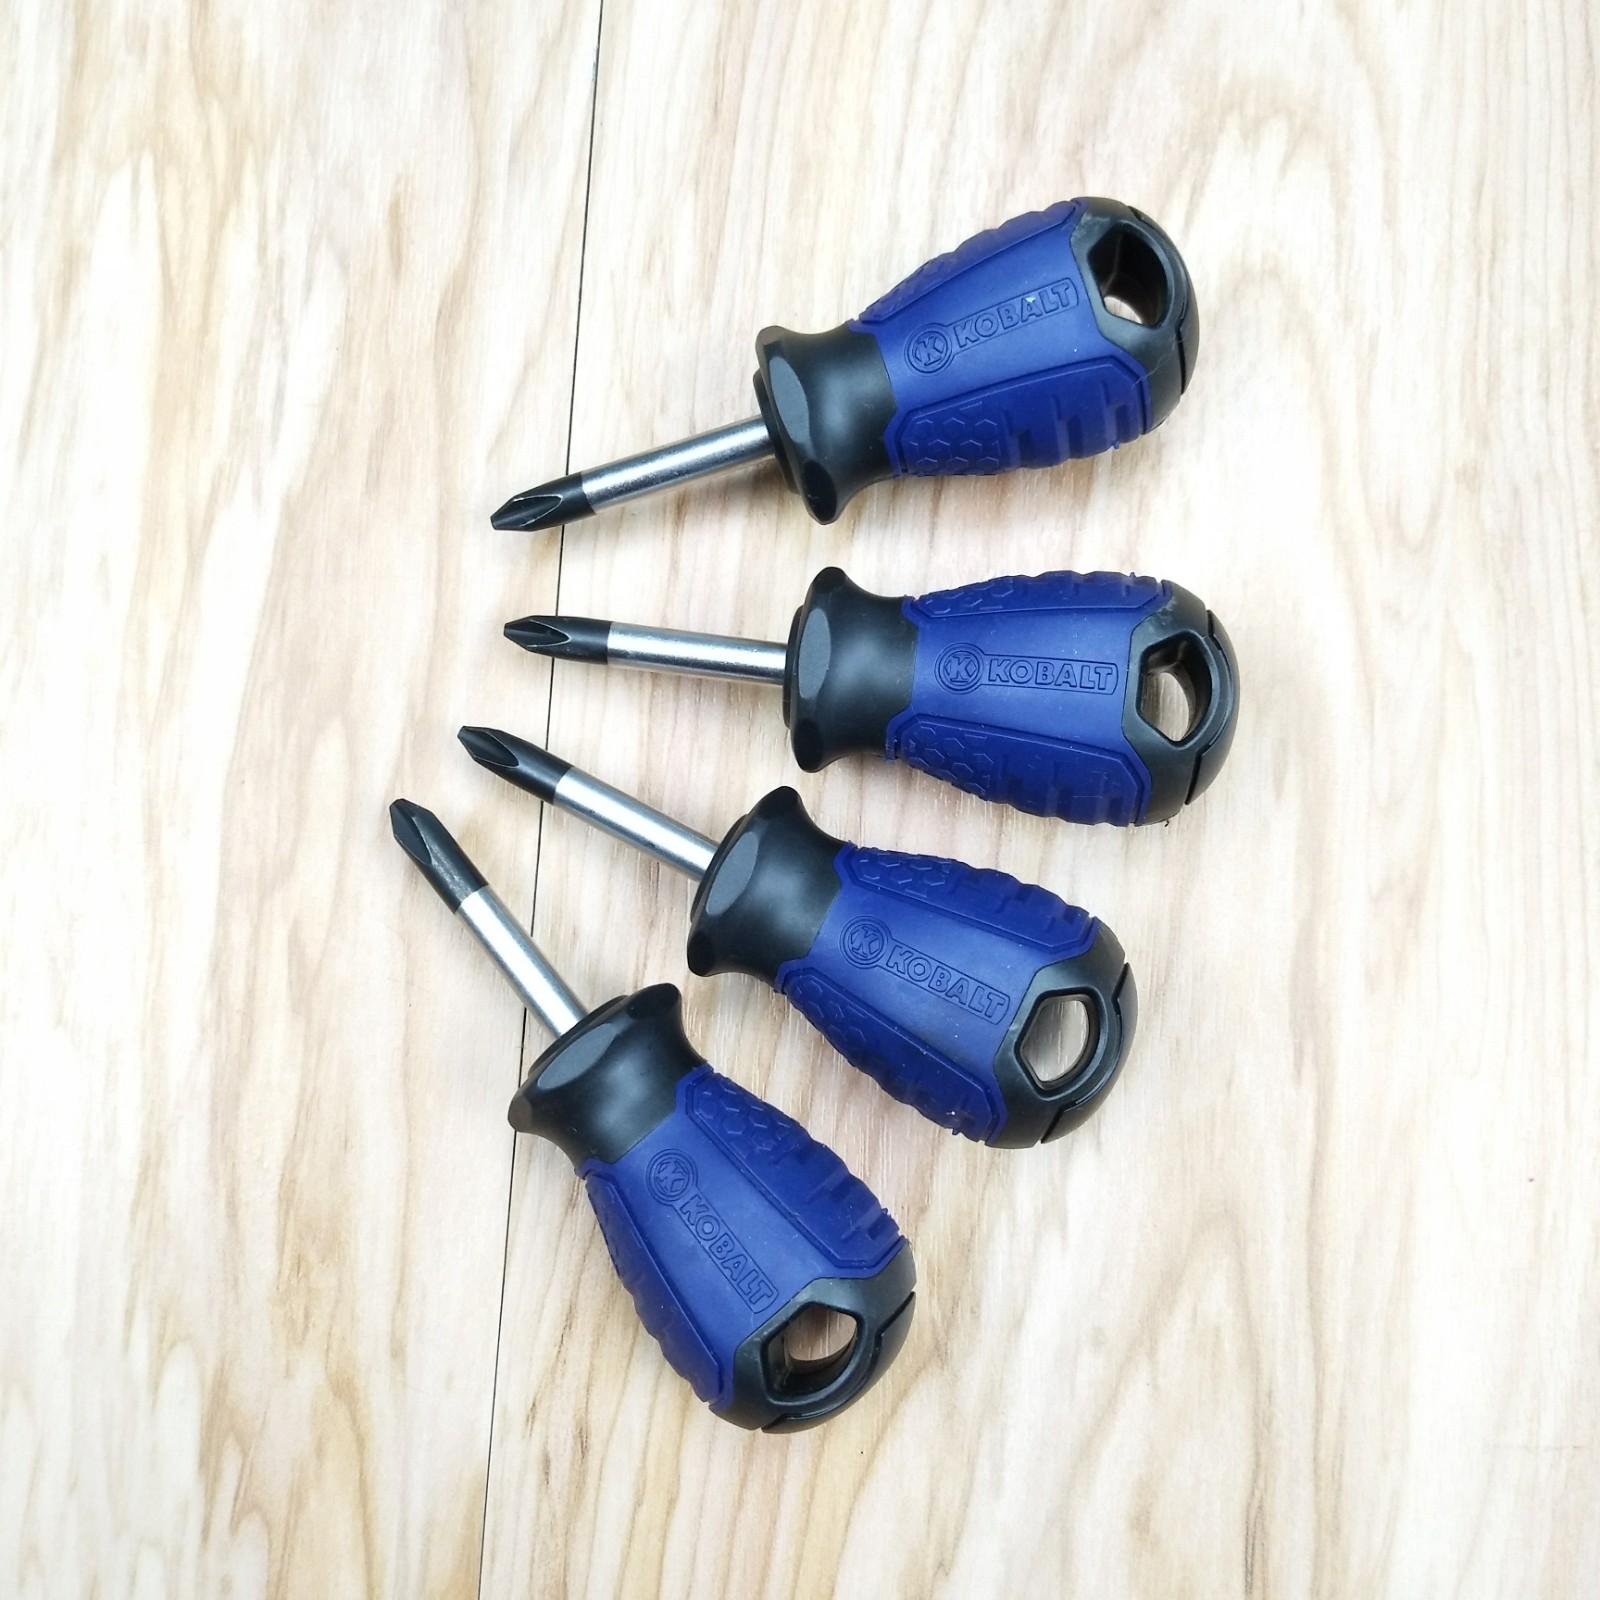 Отвертка Kobalt 10 слово слово Мини-ручка с маленькой отверткой с отверткой с отверткой